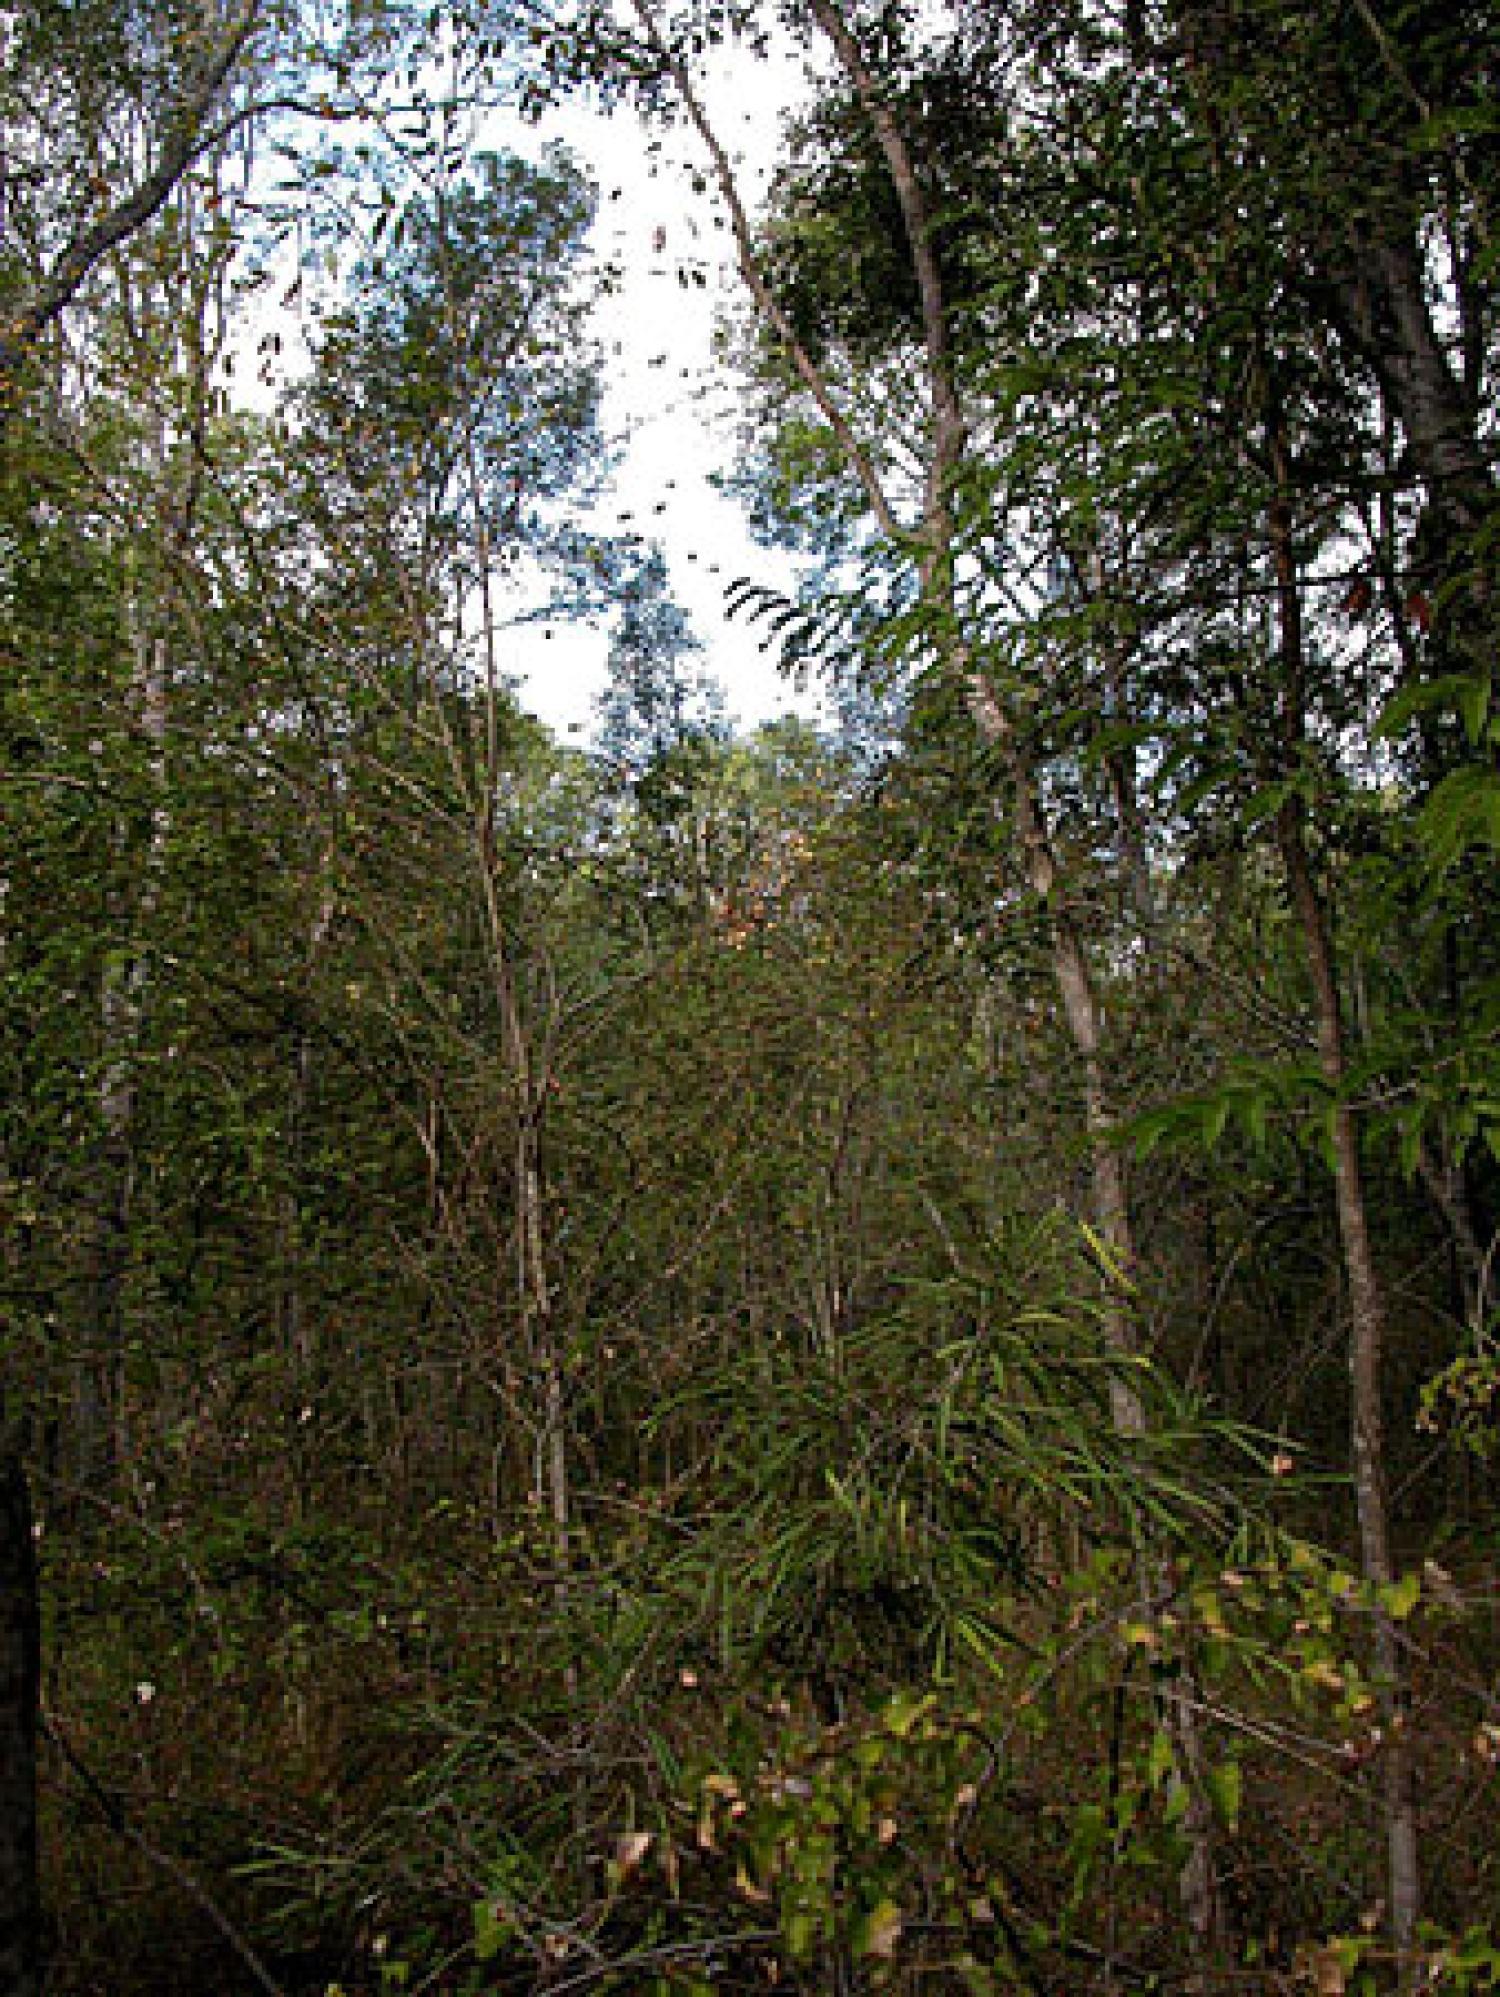 The Beza Mahafaly special reserve forest habitat